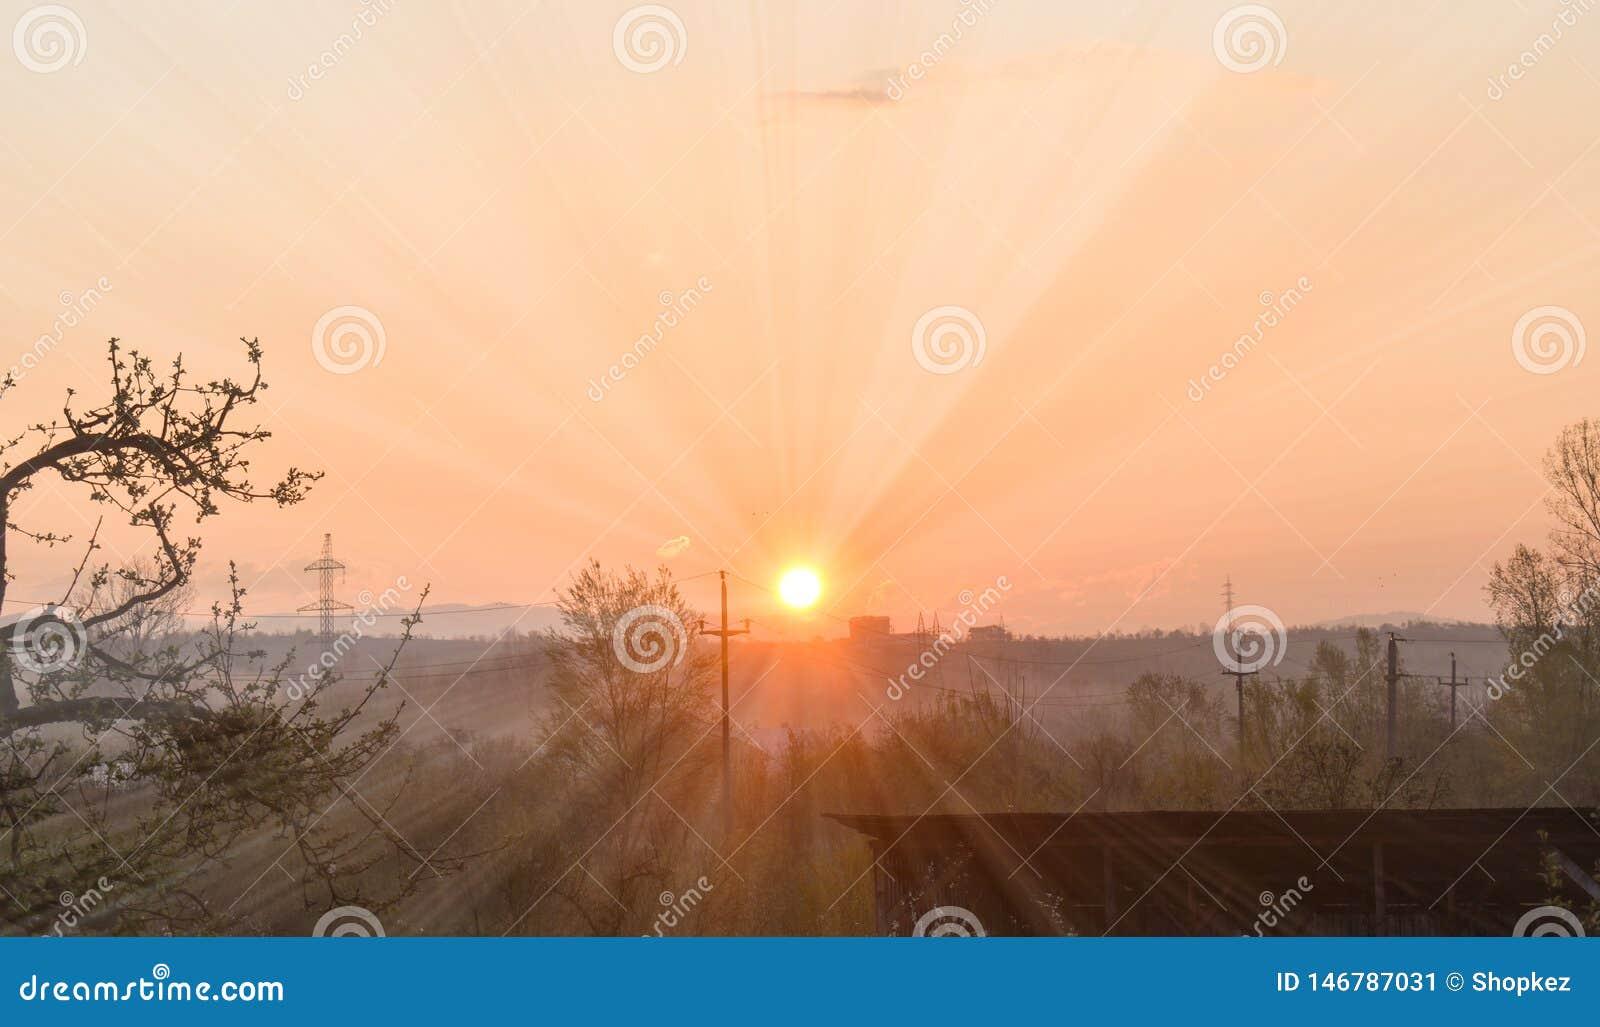 Salida del sol temprana que sorprende en un día de primavera hermoso con un cielo claro brillante